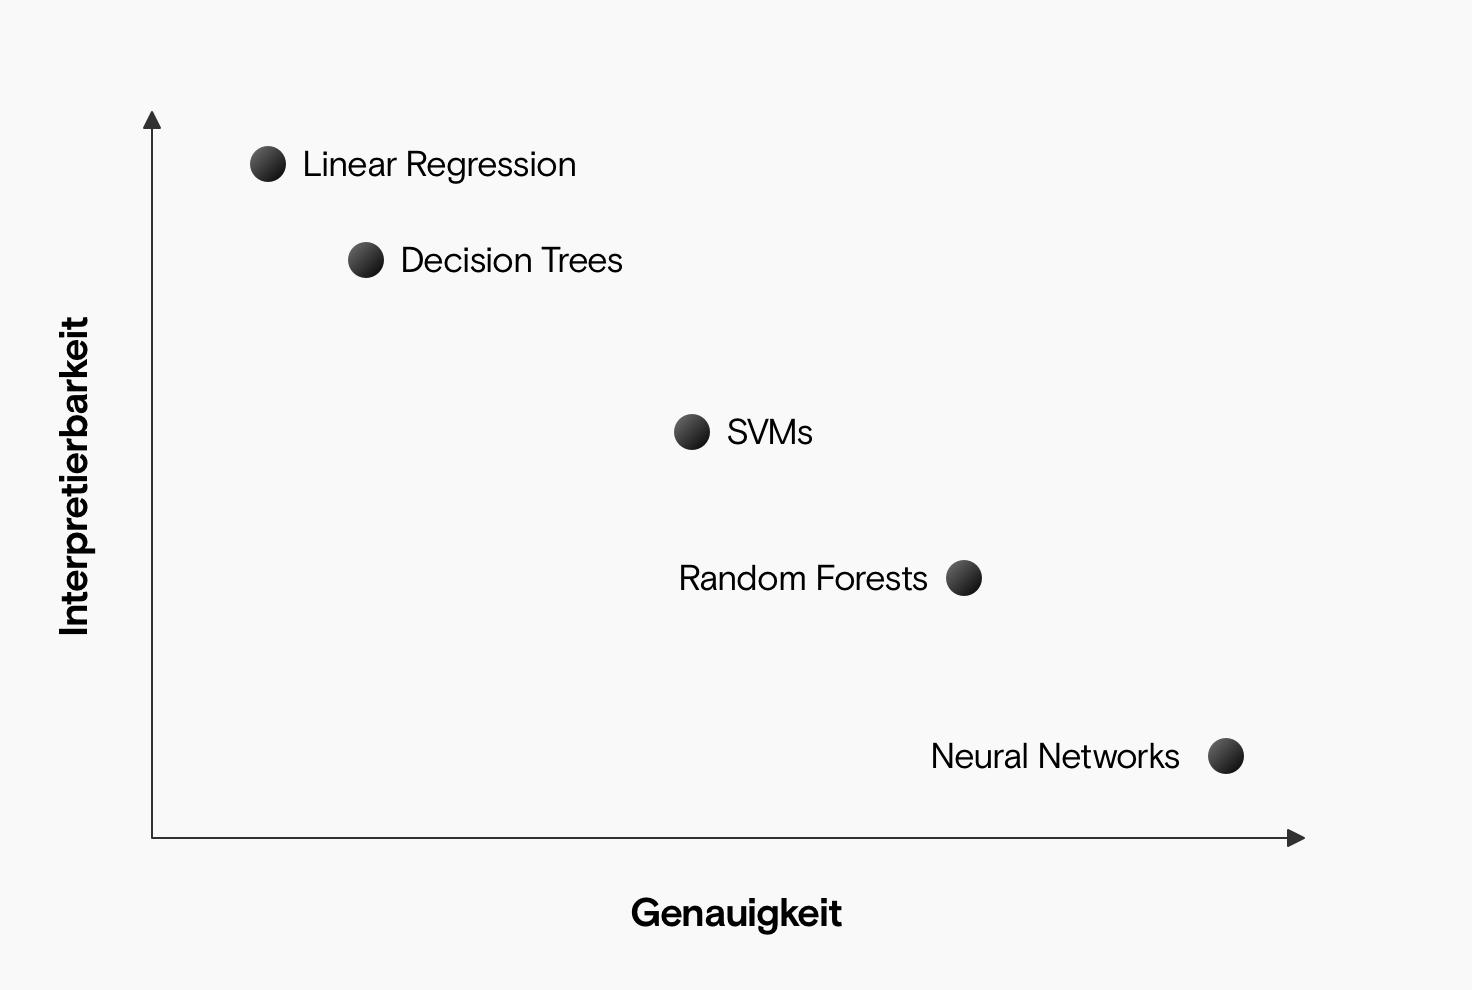 Ein Diagramm mit Interpretierbarkeit auf der y-Achse und Genauigkeit auf der x-Achse. Die lineare Regression ist oben links (sehr gut interpretierbar, nicht sehr genau) und die negative Korrelation läuft über Entscheidungsbäume, SVMs, Random Forests und neuronale Netzwerke.